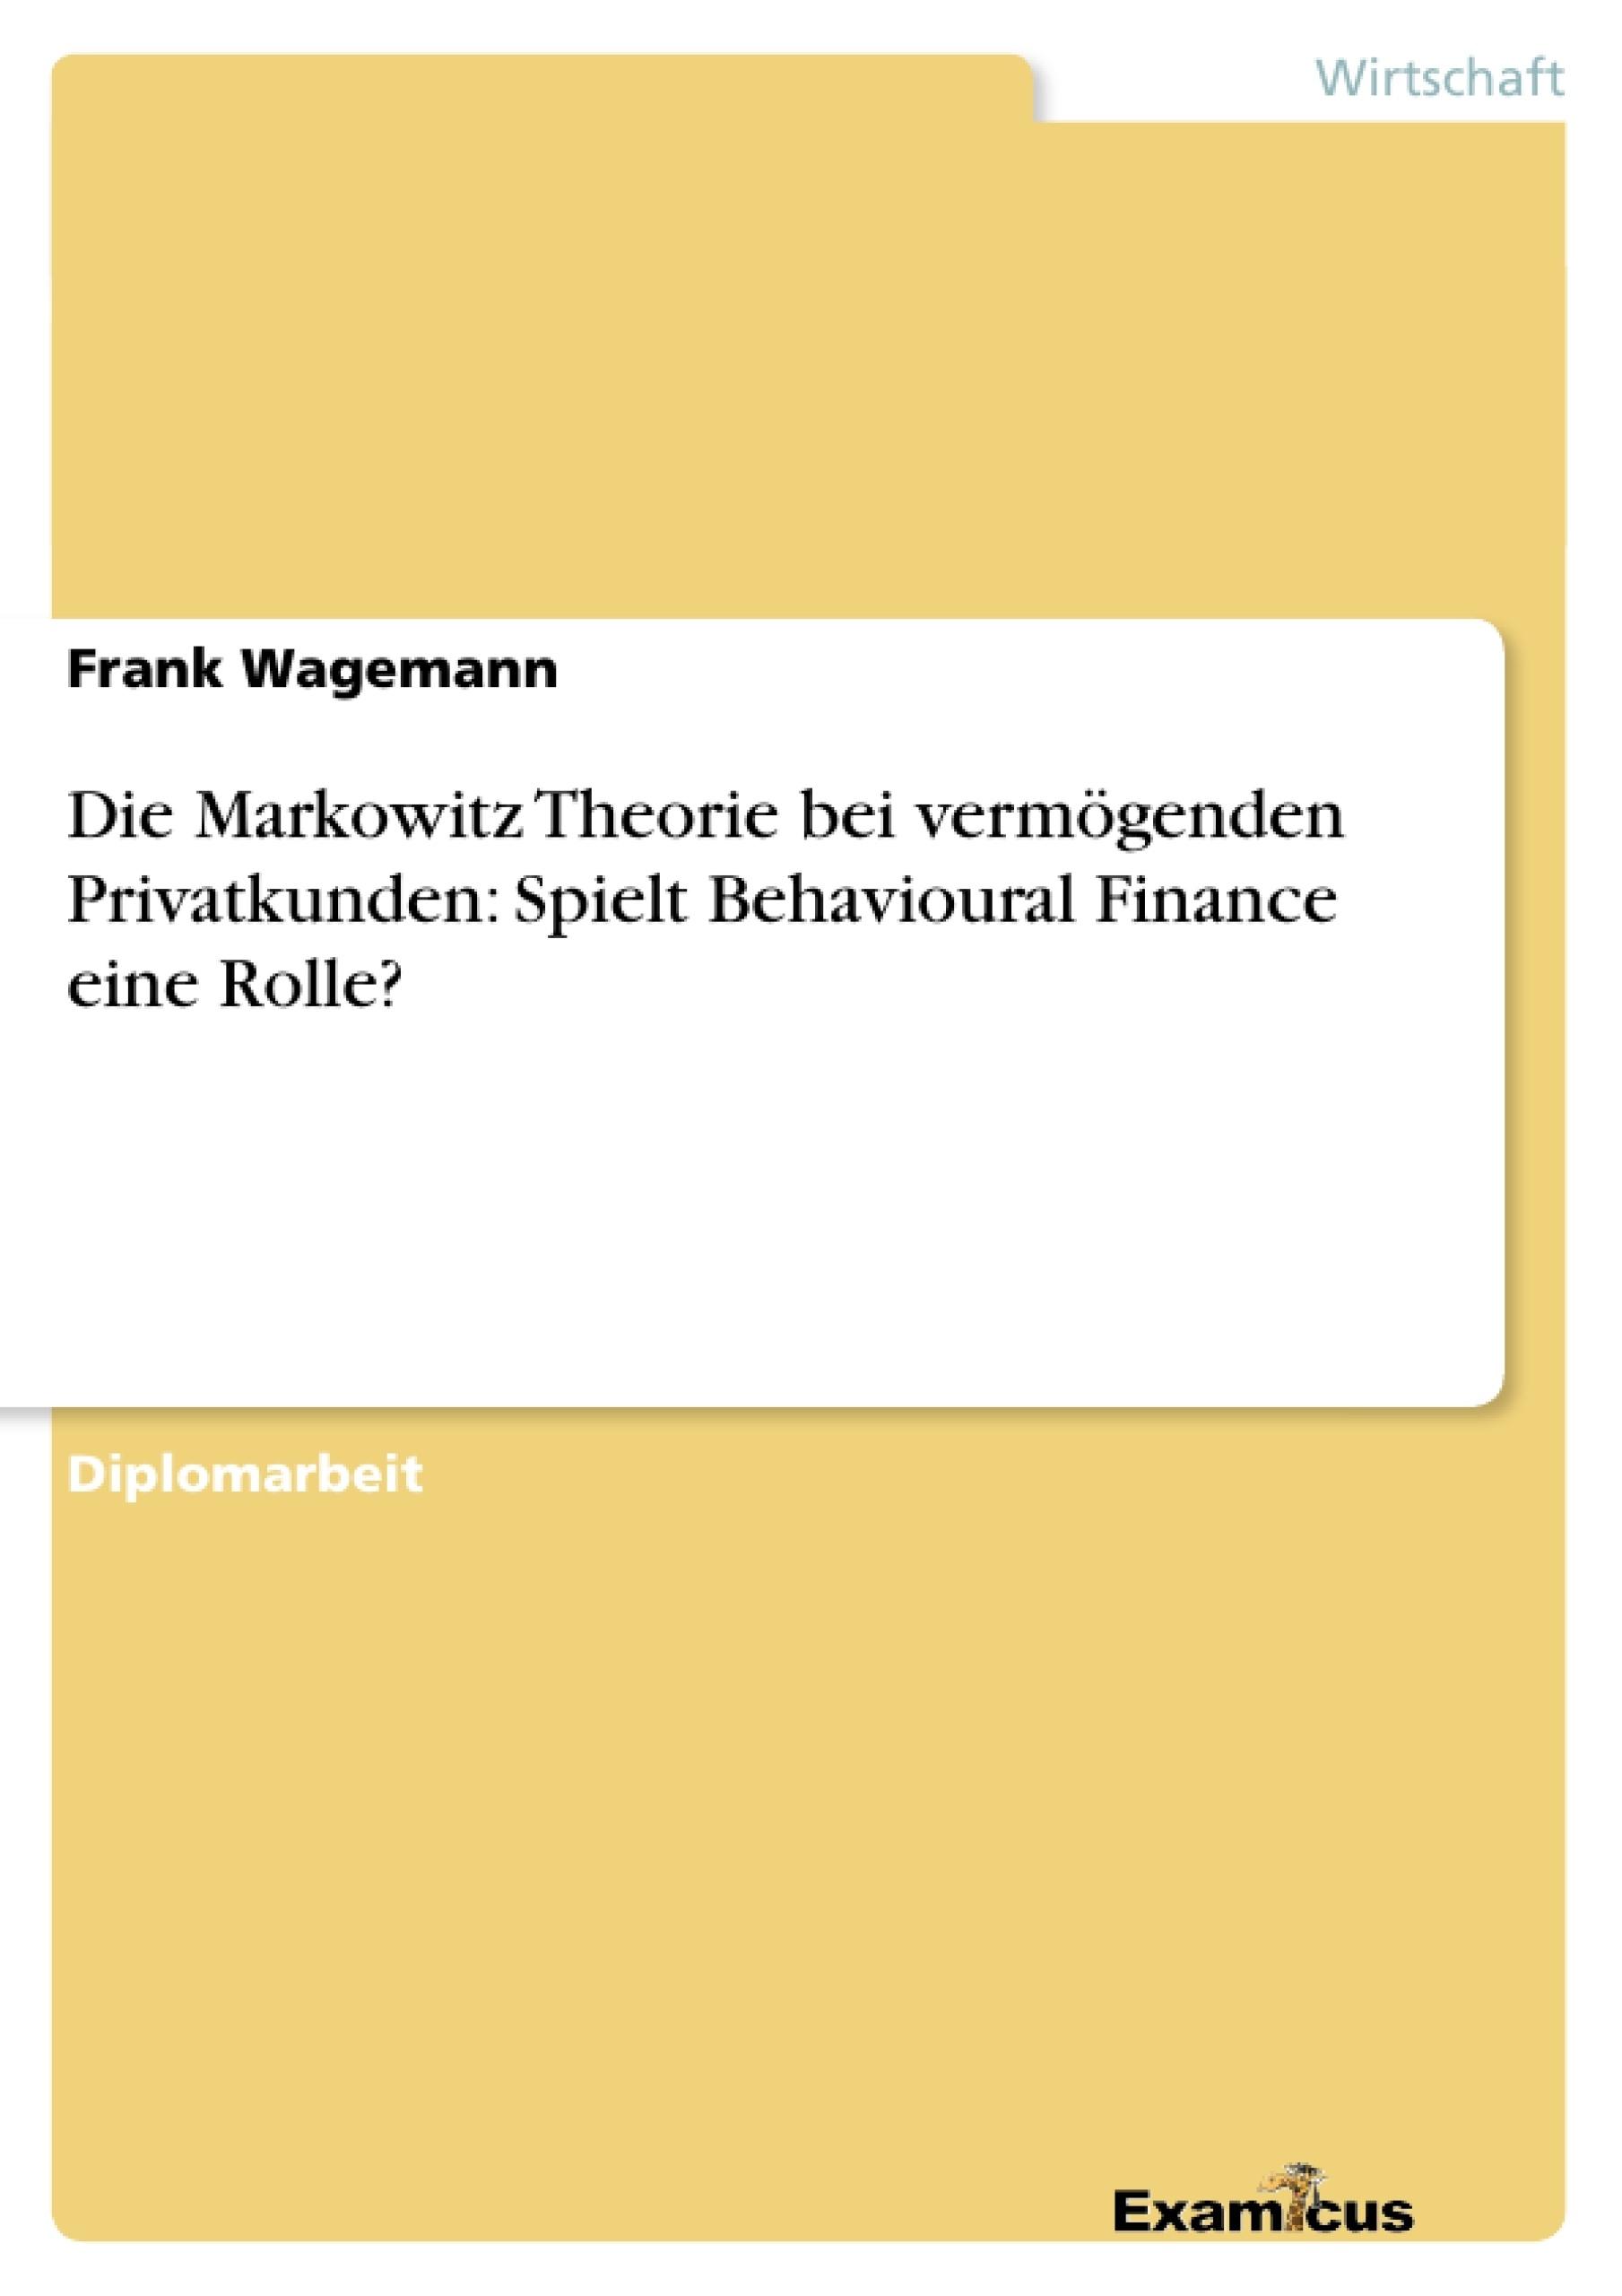 Titel: Die Markowitz Theorie bei vermögenden Privatkunden: Spielt Behavioural Finance eine Rolle?